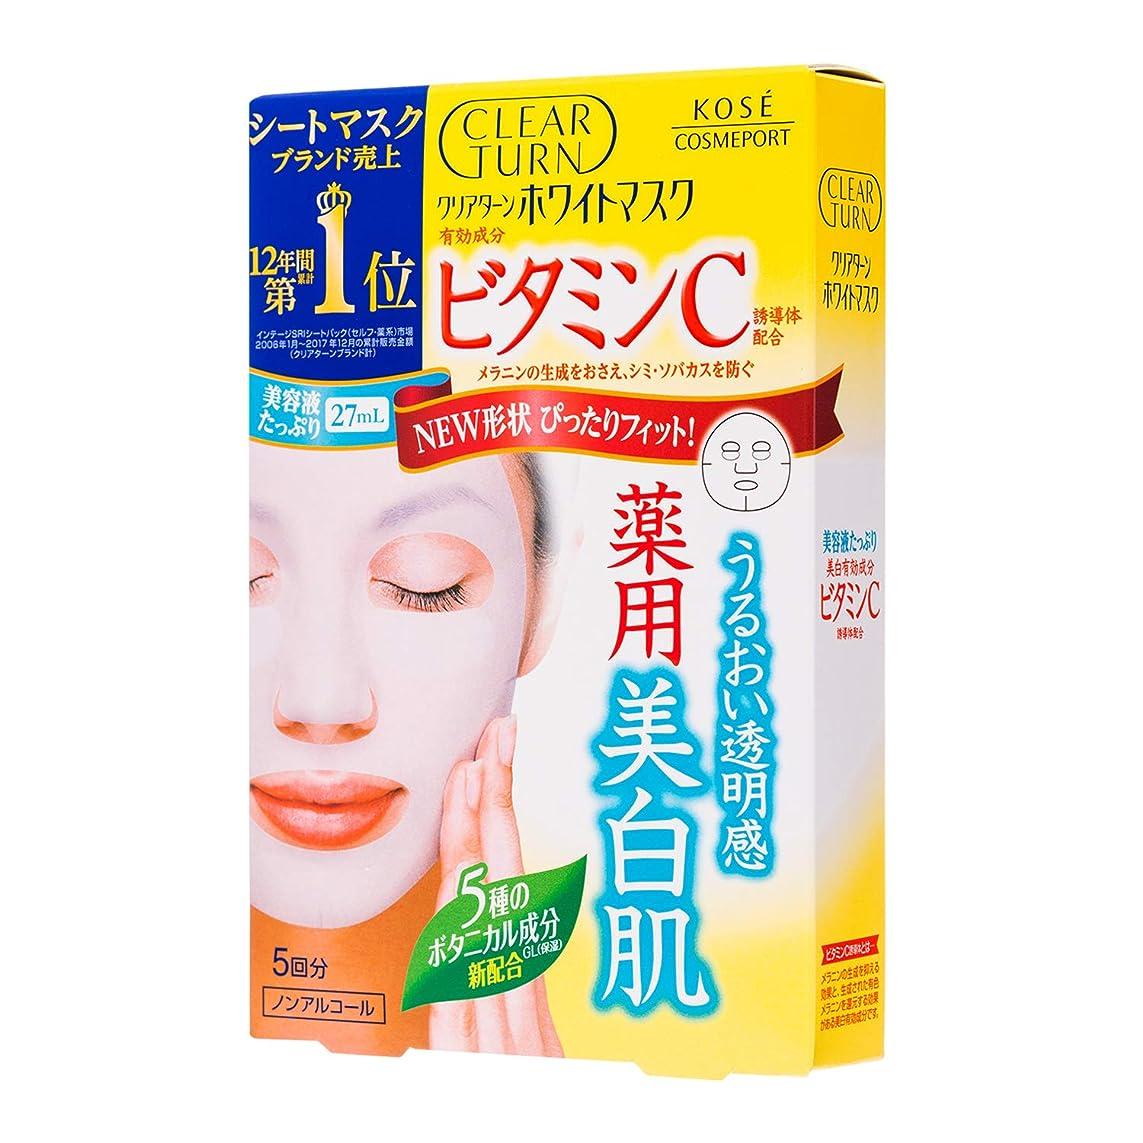 キャンディーテメリティ代替案KOSE コーセー クリアターン ホワイト マスク VC (ビタミンC) 5枚 フェイスマスク